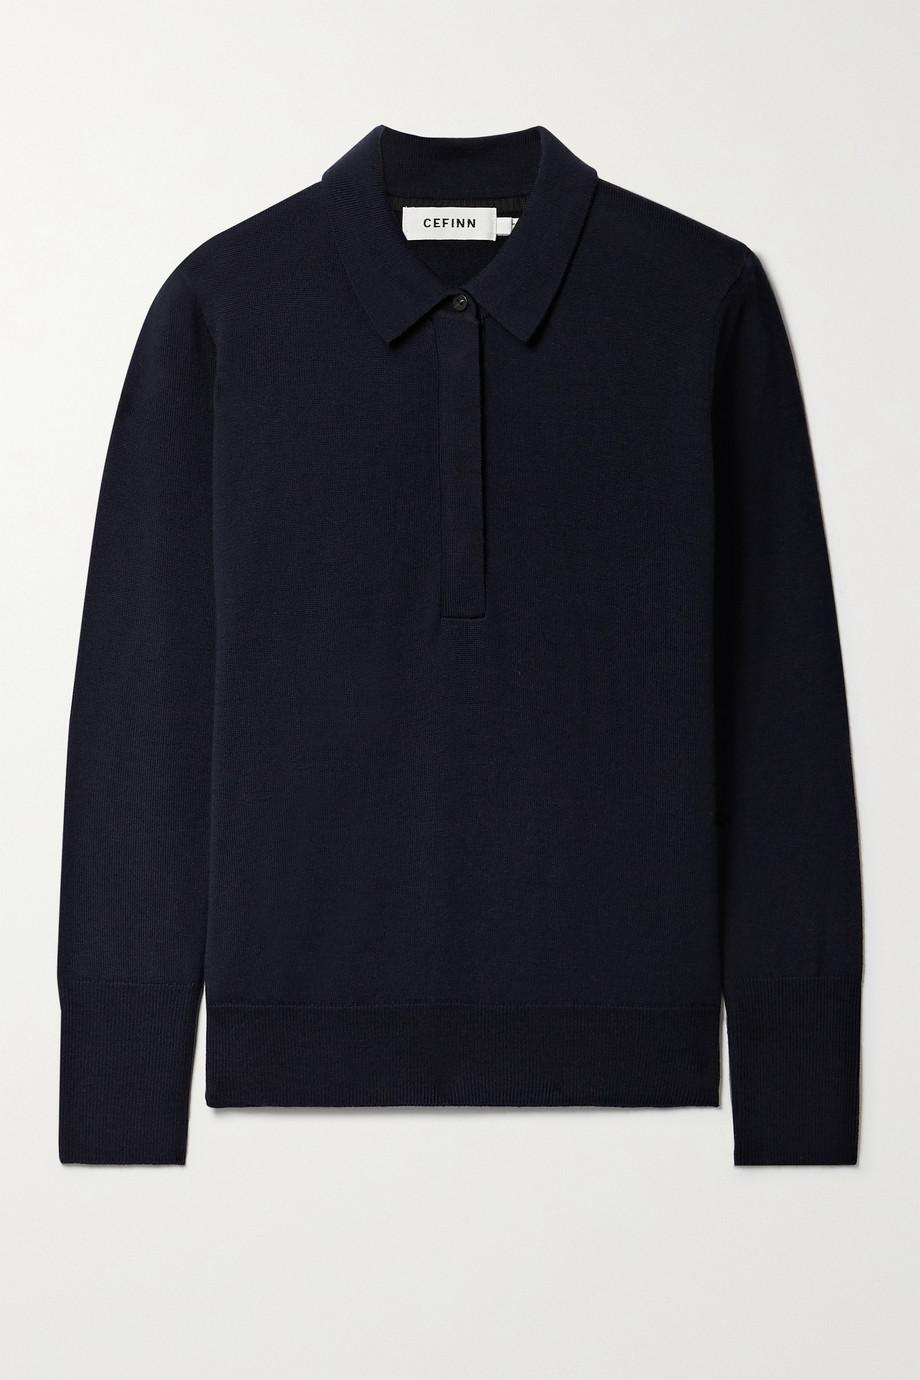 Cefinn Josie wool polo shirt